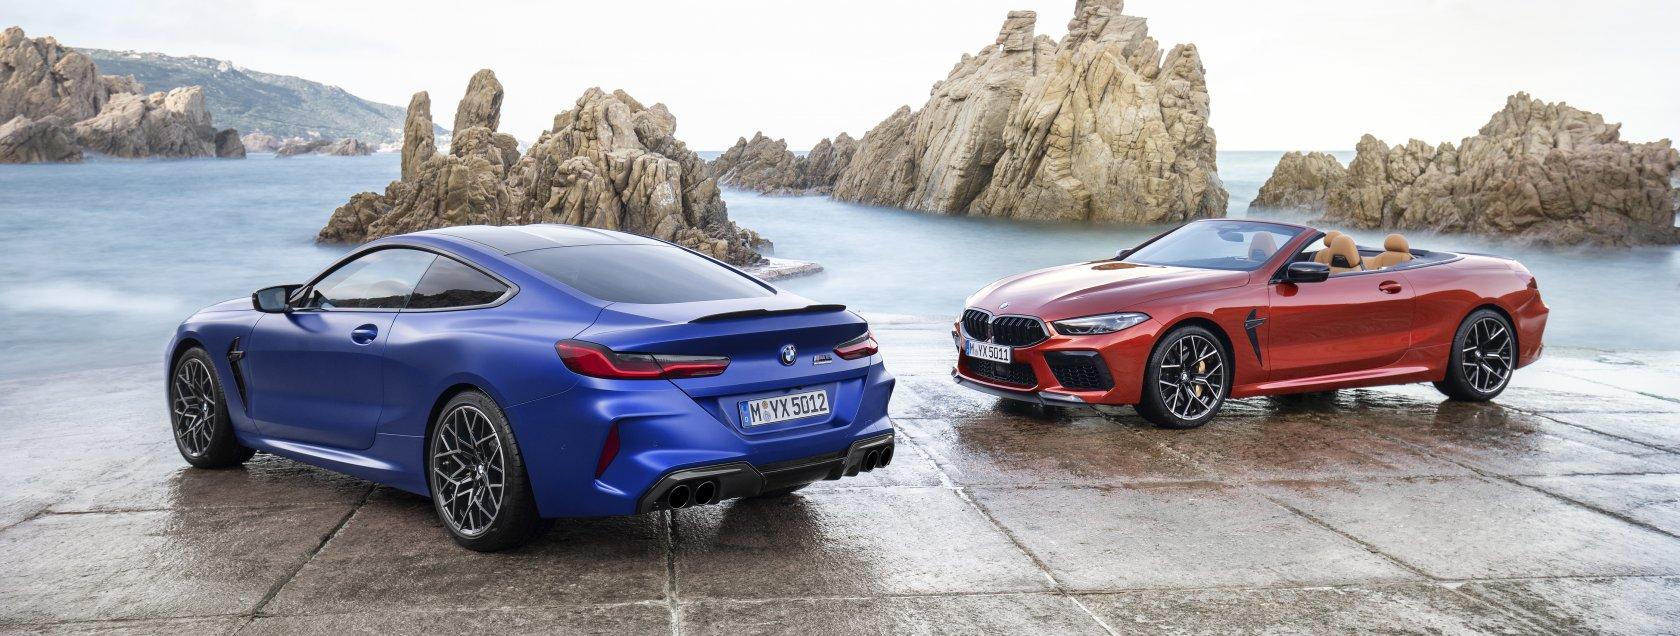 De nieuwe BMW M8 Coupe en BMW M8 Cabrio